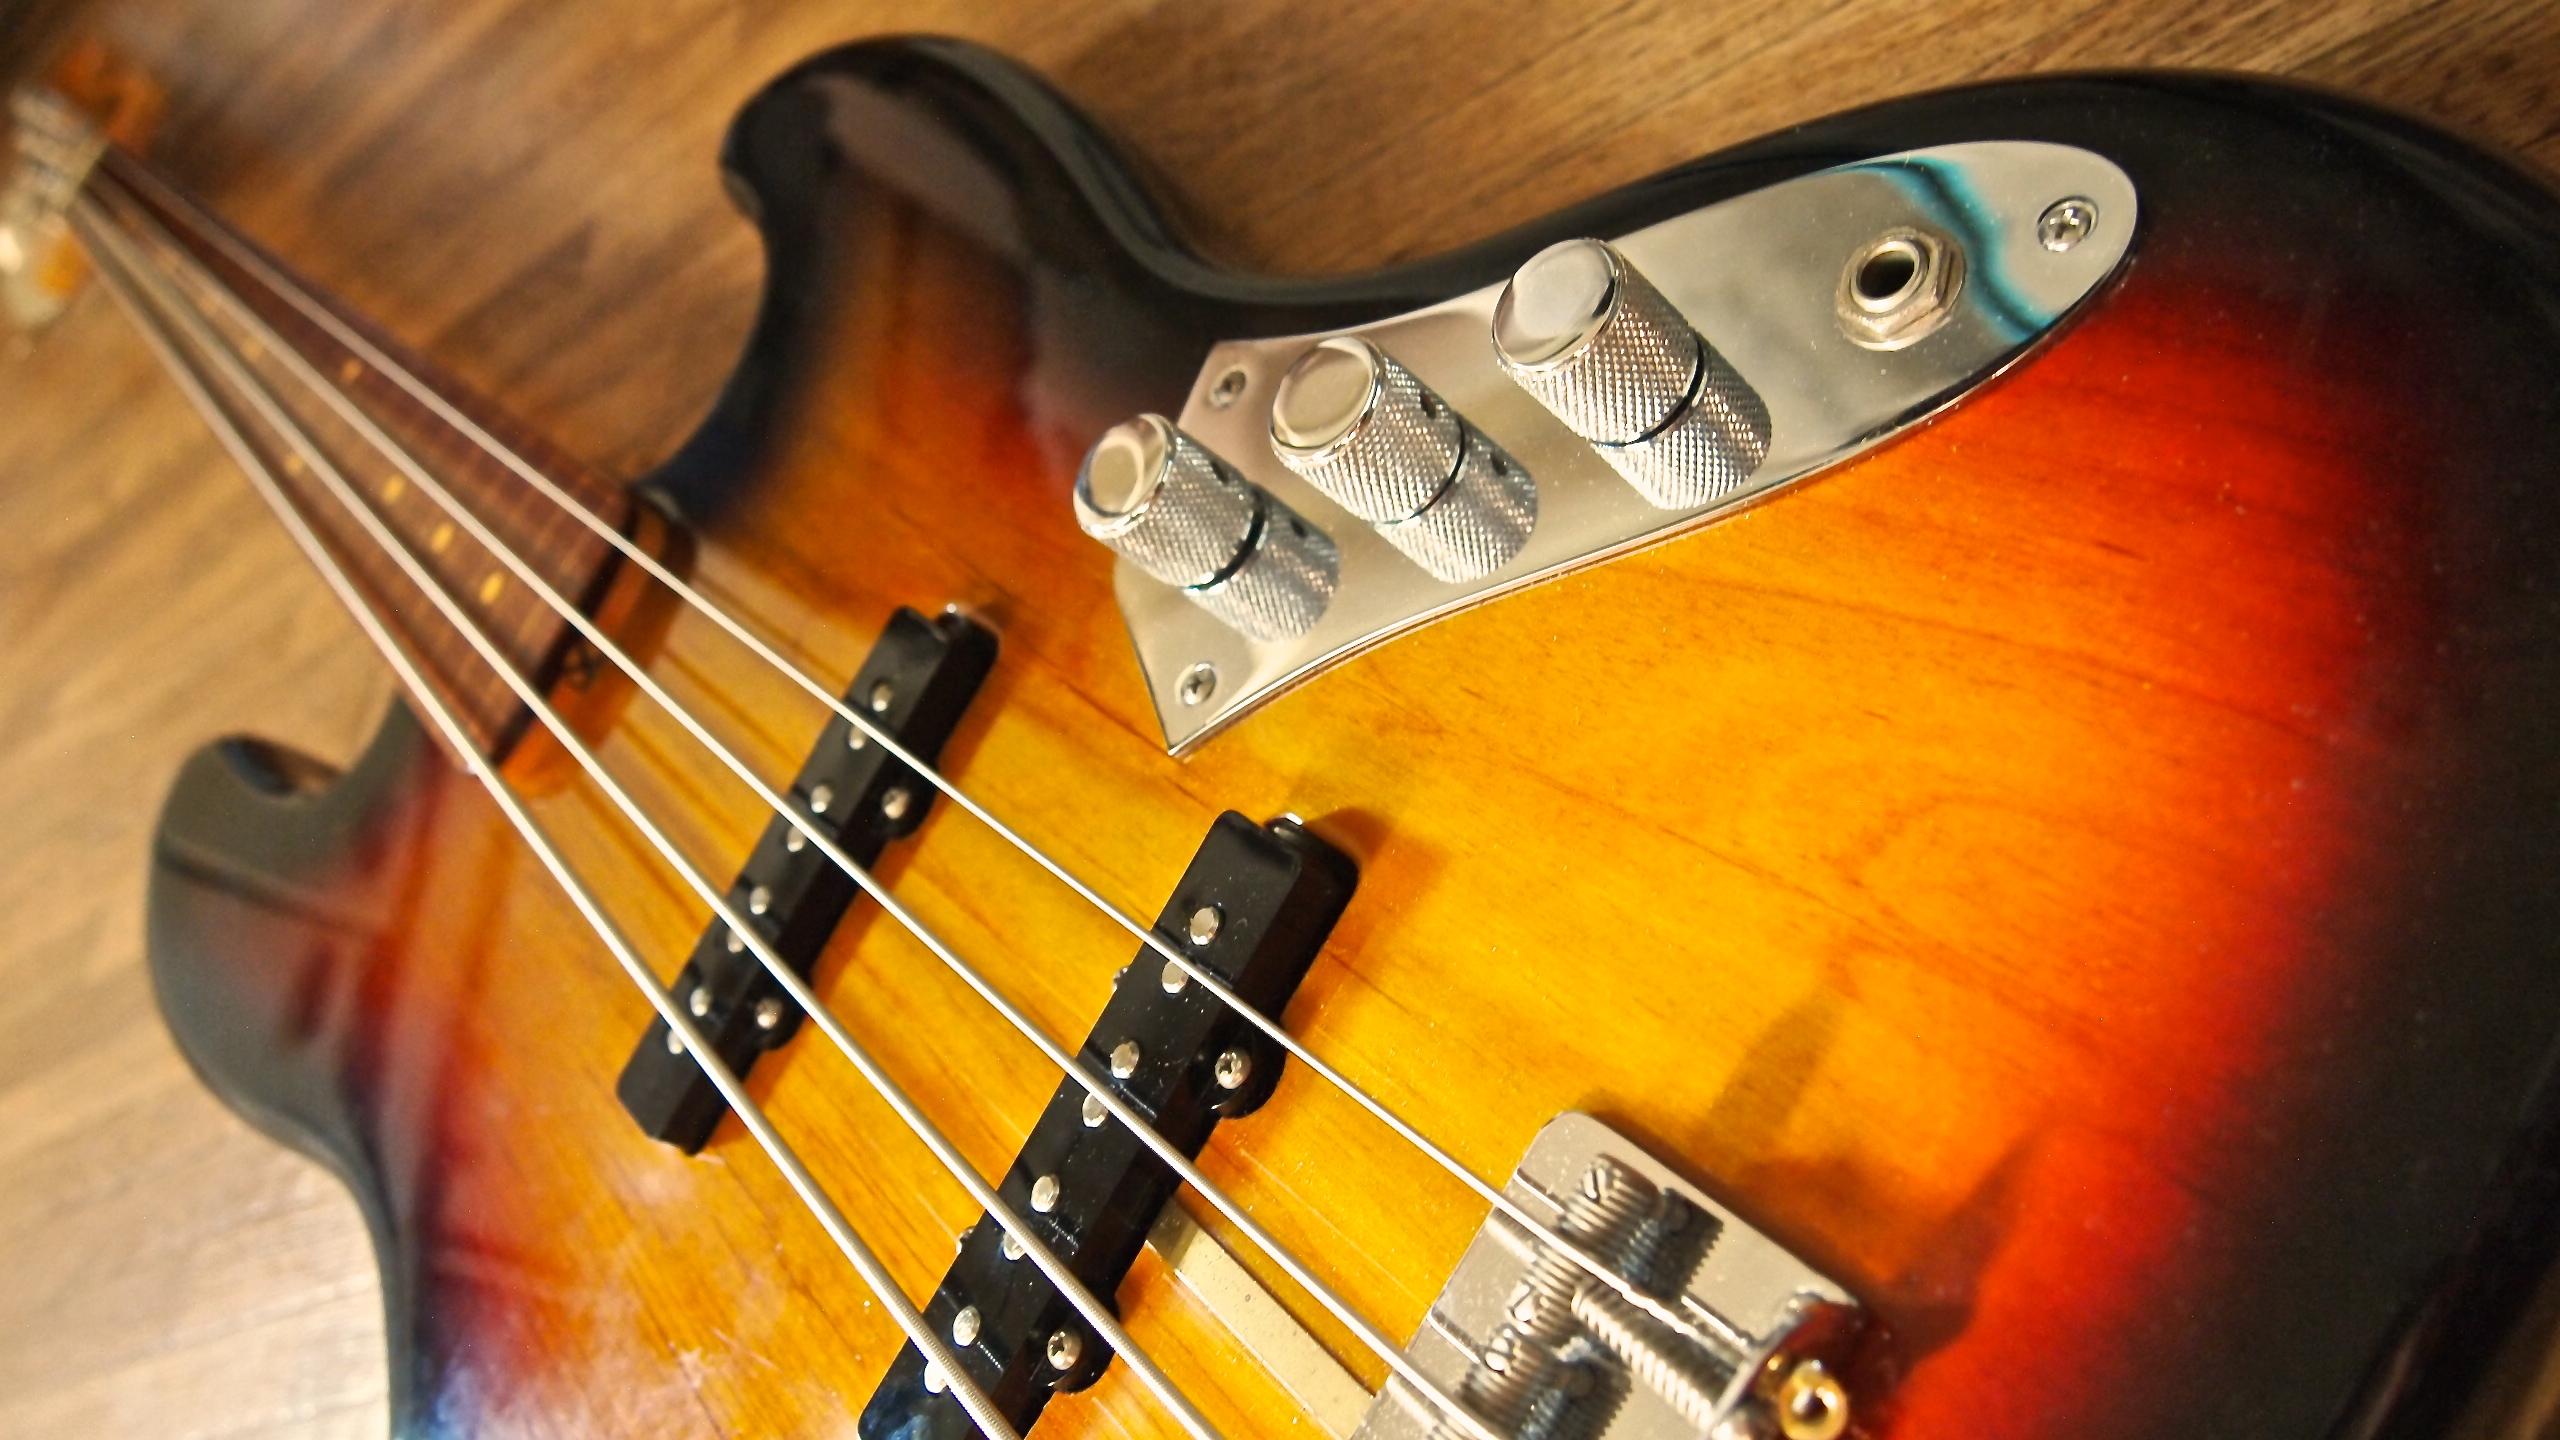 Fender jazz bass своими руками